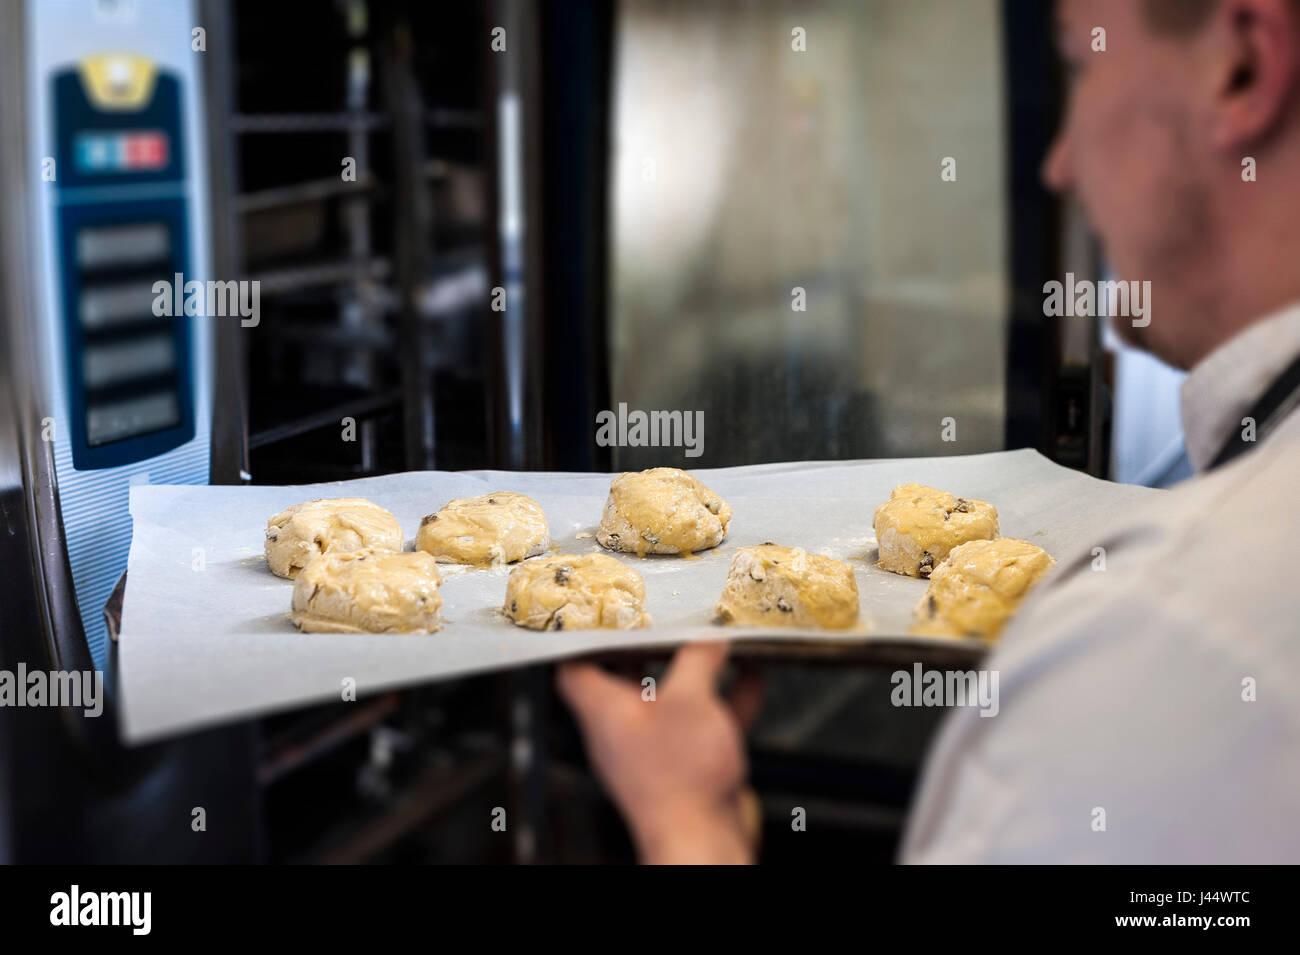 Ein Koch stellt ein Tablett mit Scones in einen Ofen Küche Essen kochen backen Essen im Restaurant Vorbereitung Stockbild